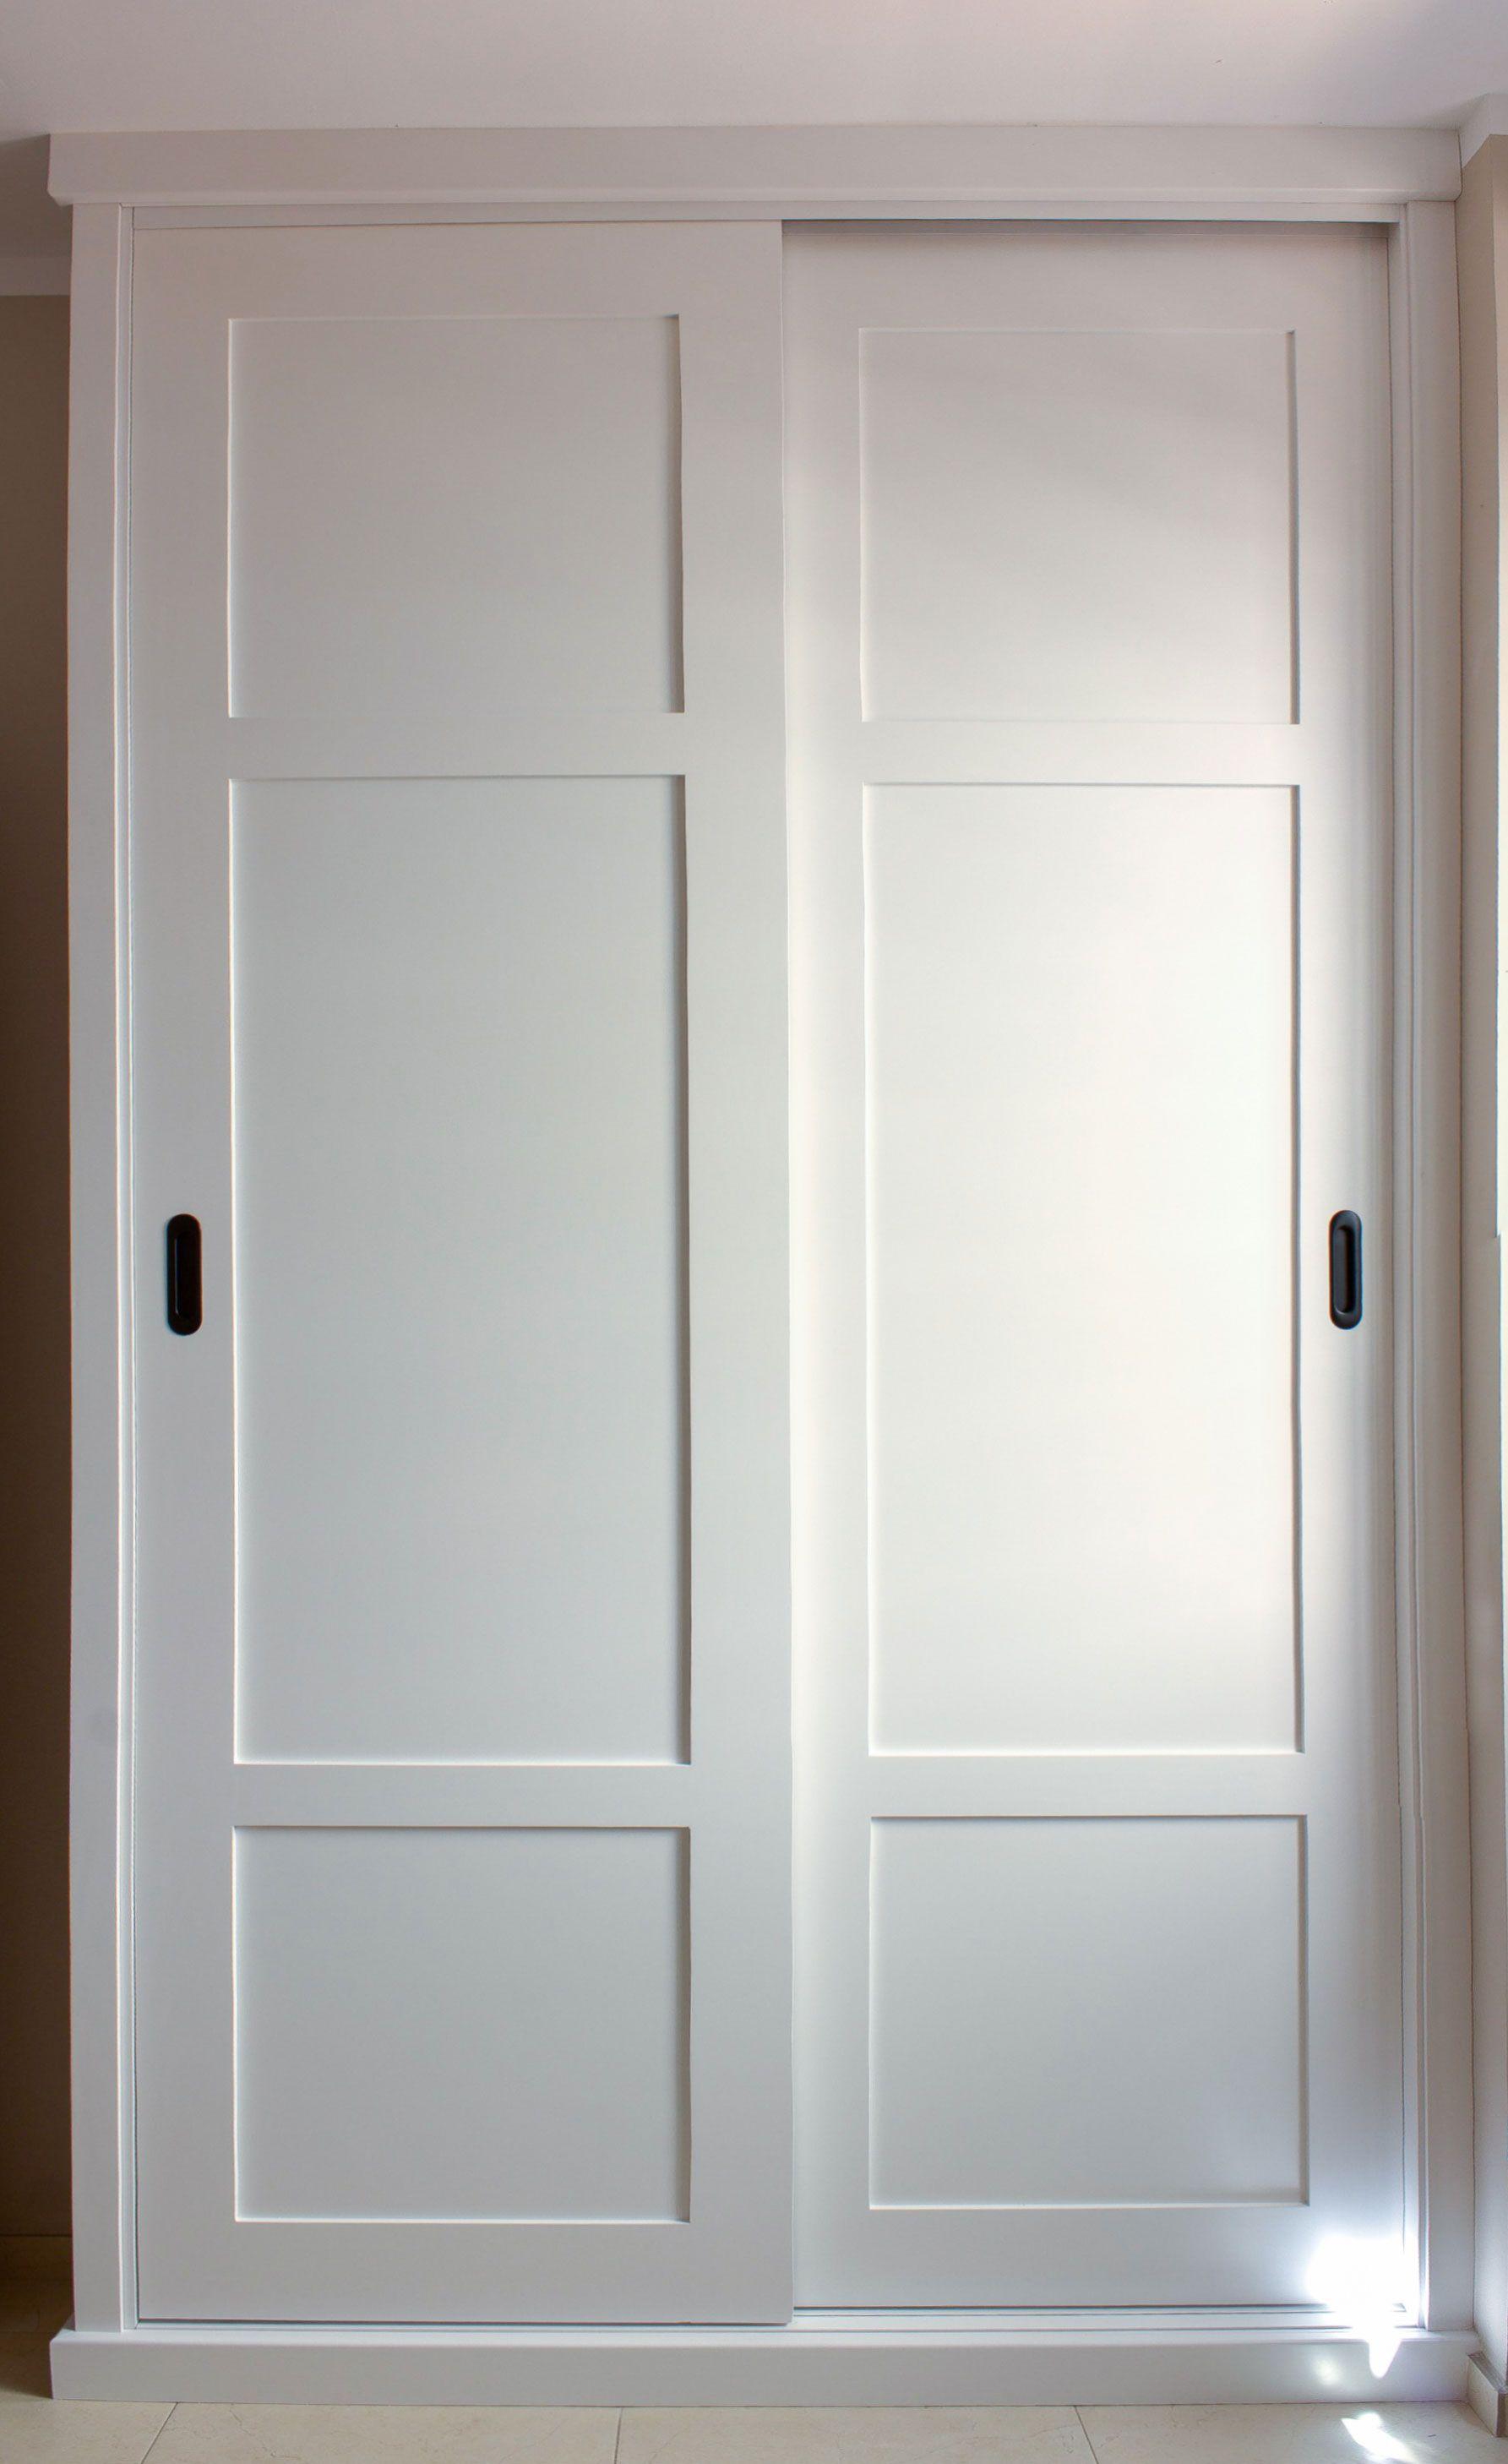 armario empotrado amedida color blanco puertas